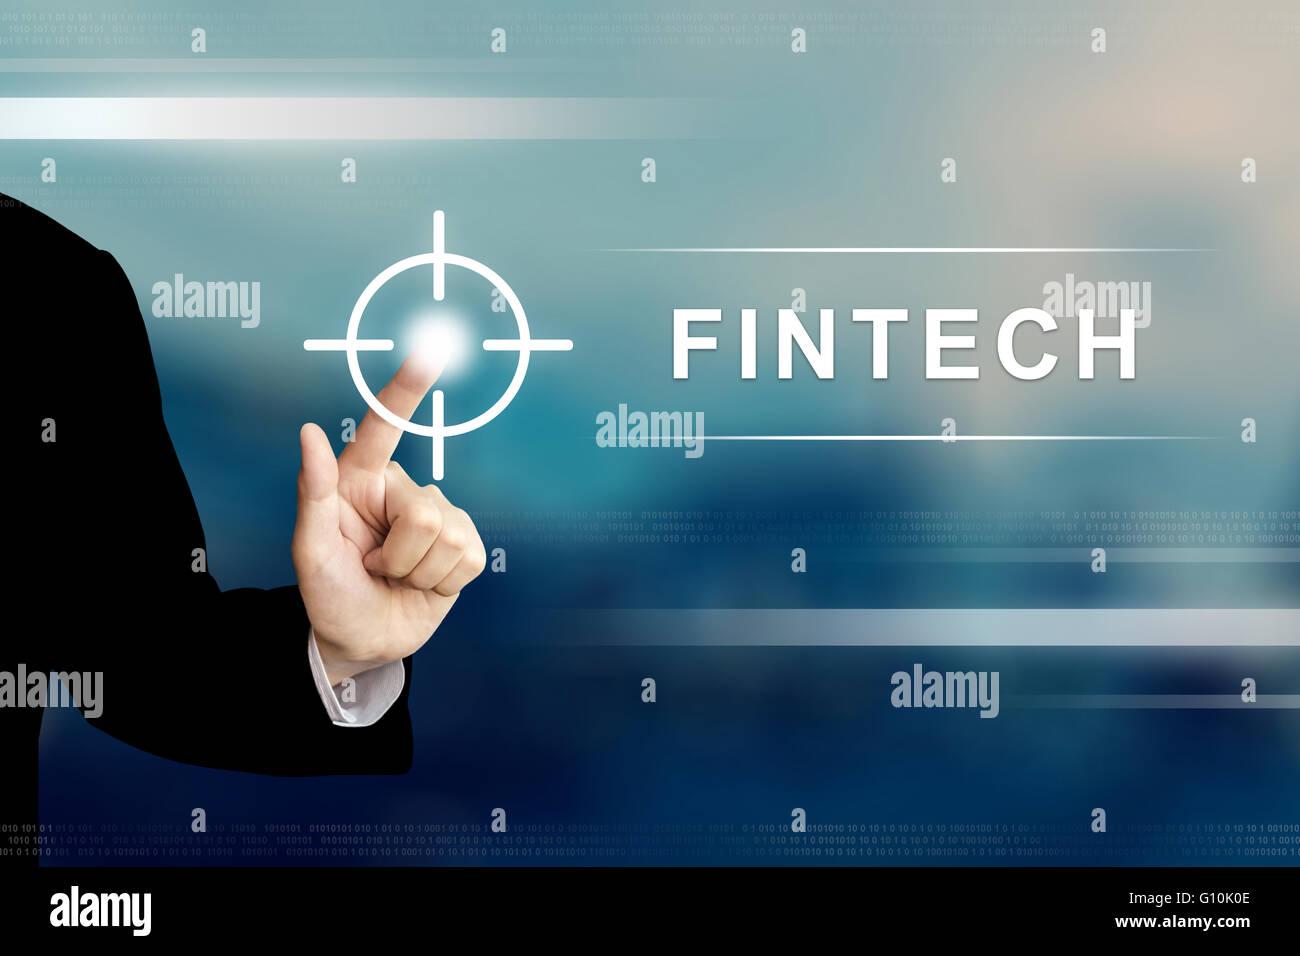 Unternehmen der Hand schieben Fintech oder Finanztechnologie Taste auf eine Touchscreen-Oberfläche Stockbild